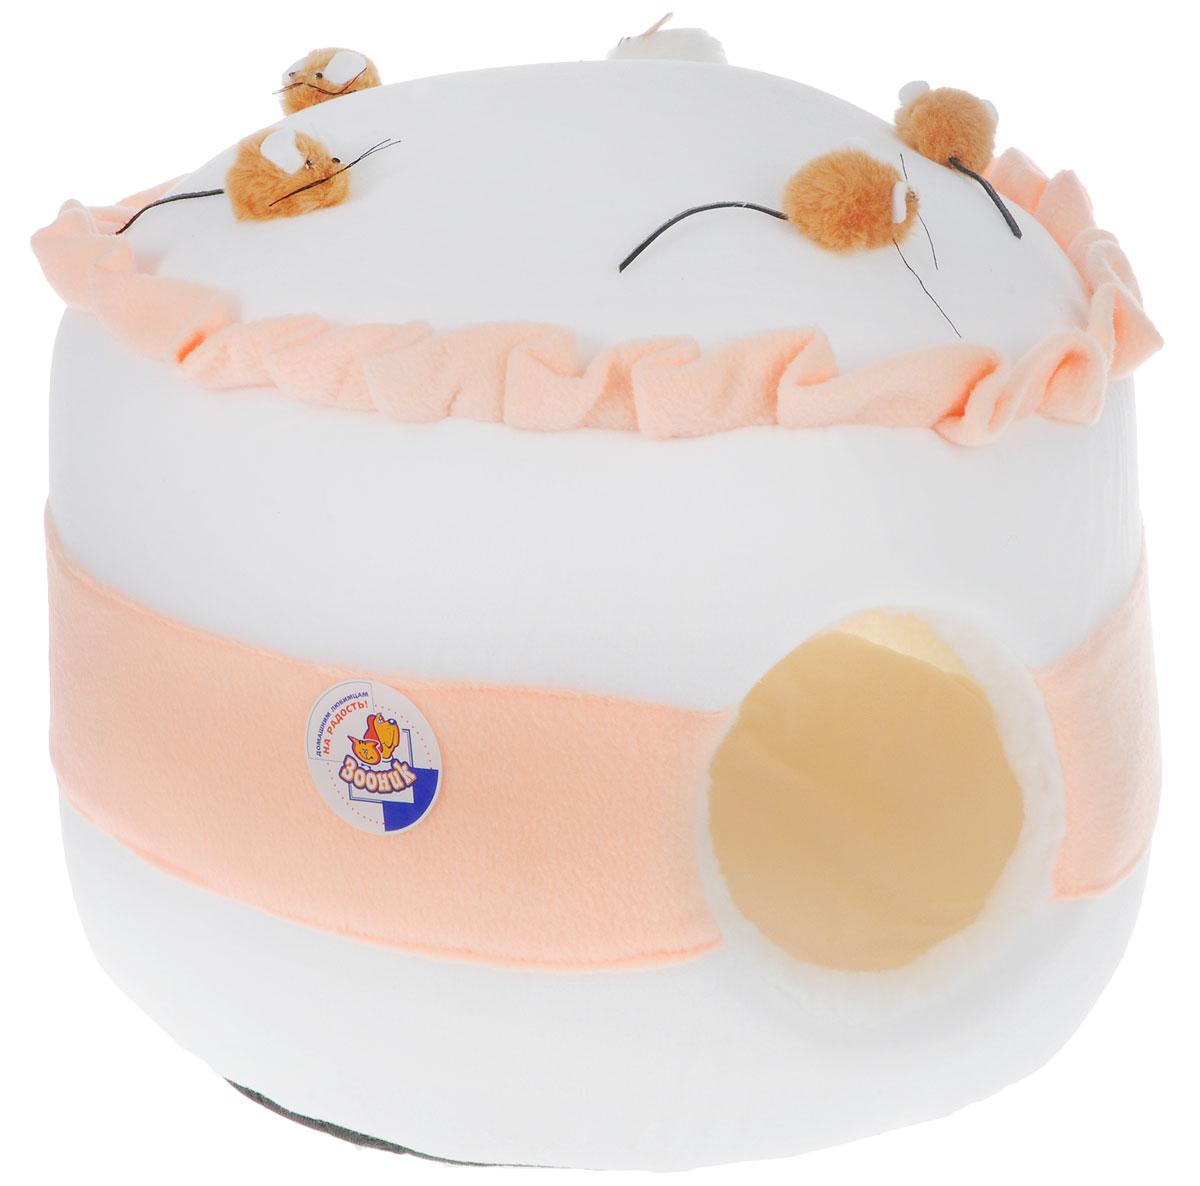 Домик для животных Зооник Тортик с мышками, цвет: белый, персиковый, 43 х 43 х 30 см геннадий норд тортик с сюрпризом или заметки из барсетки 7